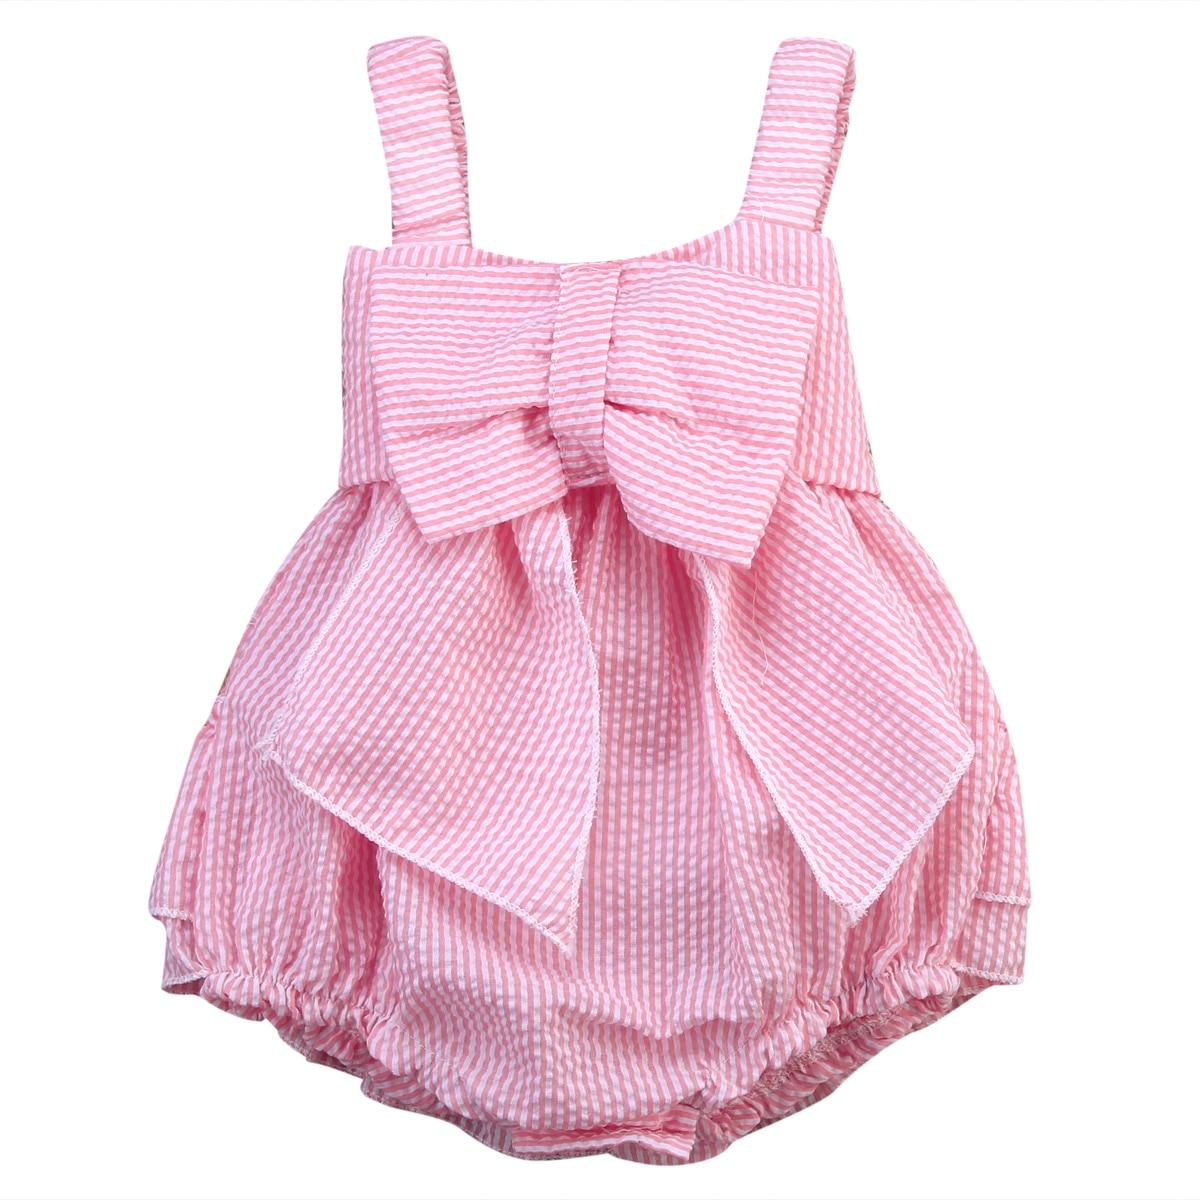 Batole Baby Girls prohrábnout Romper Baby Grows Vest Sunsuit - Oblečení pro miminka